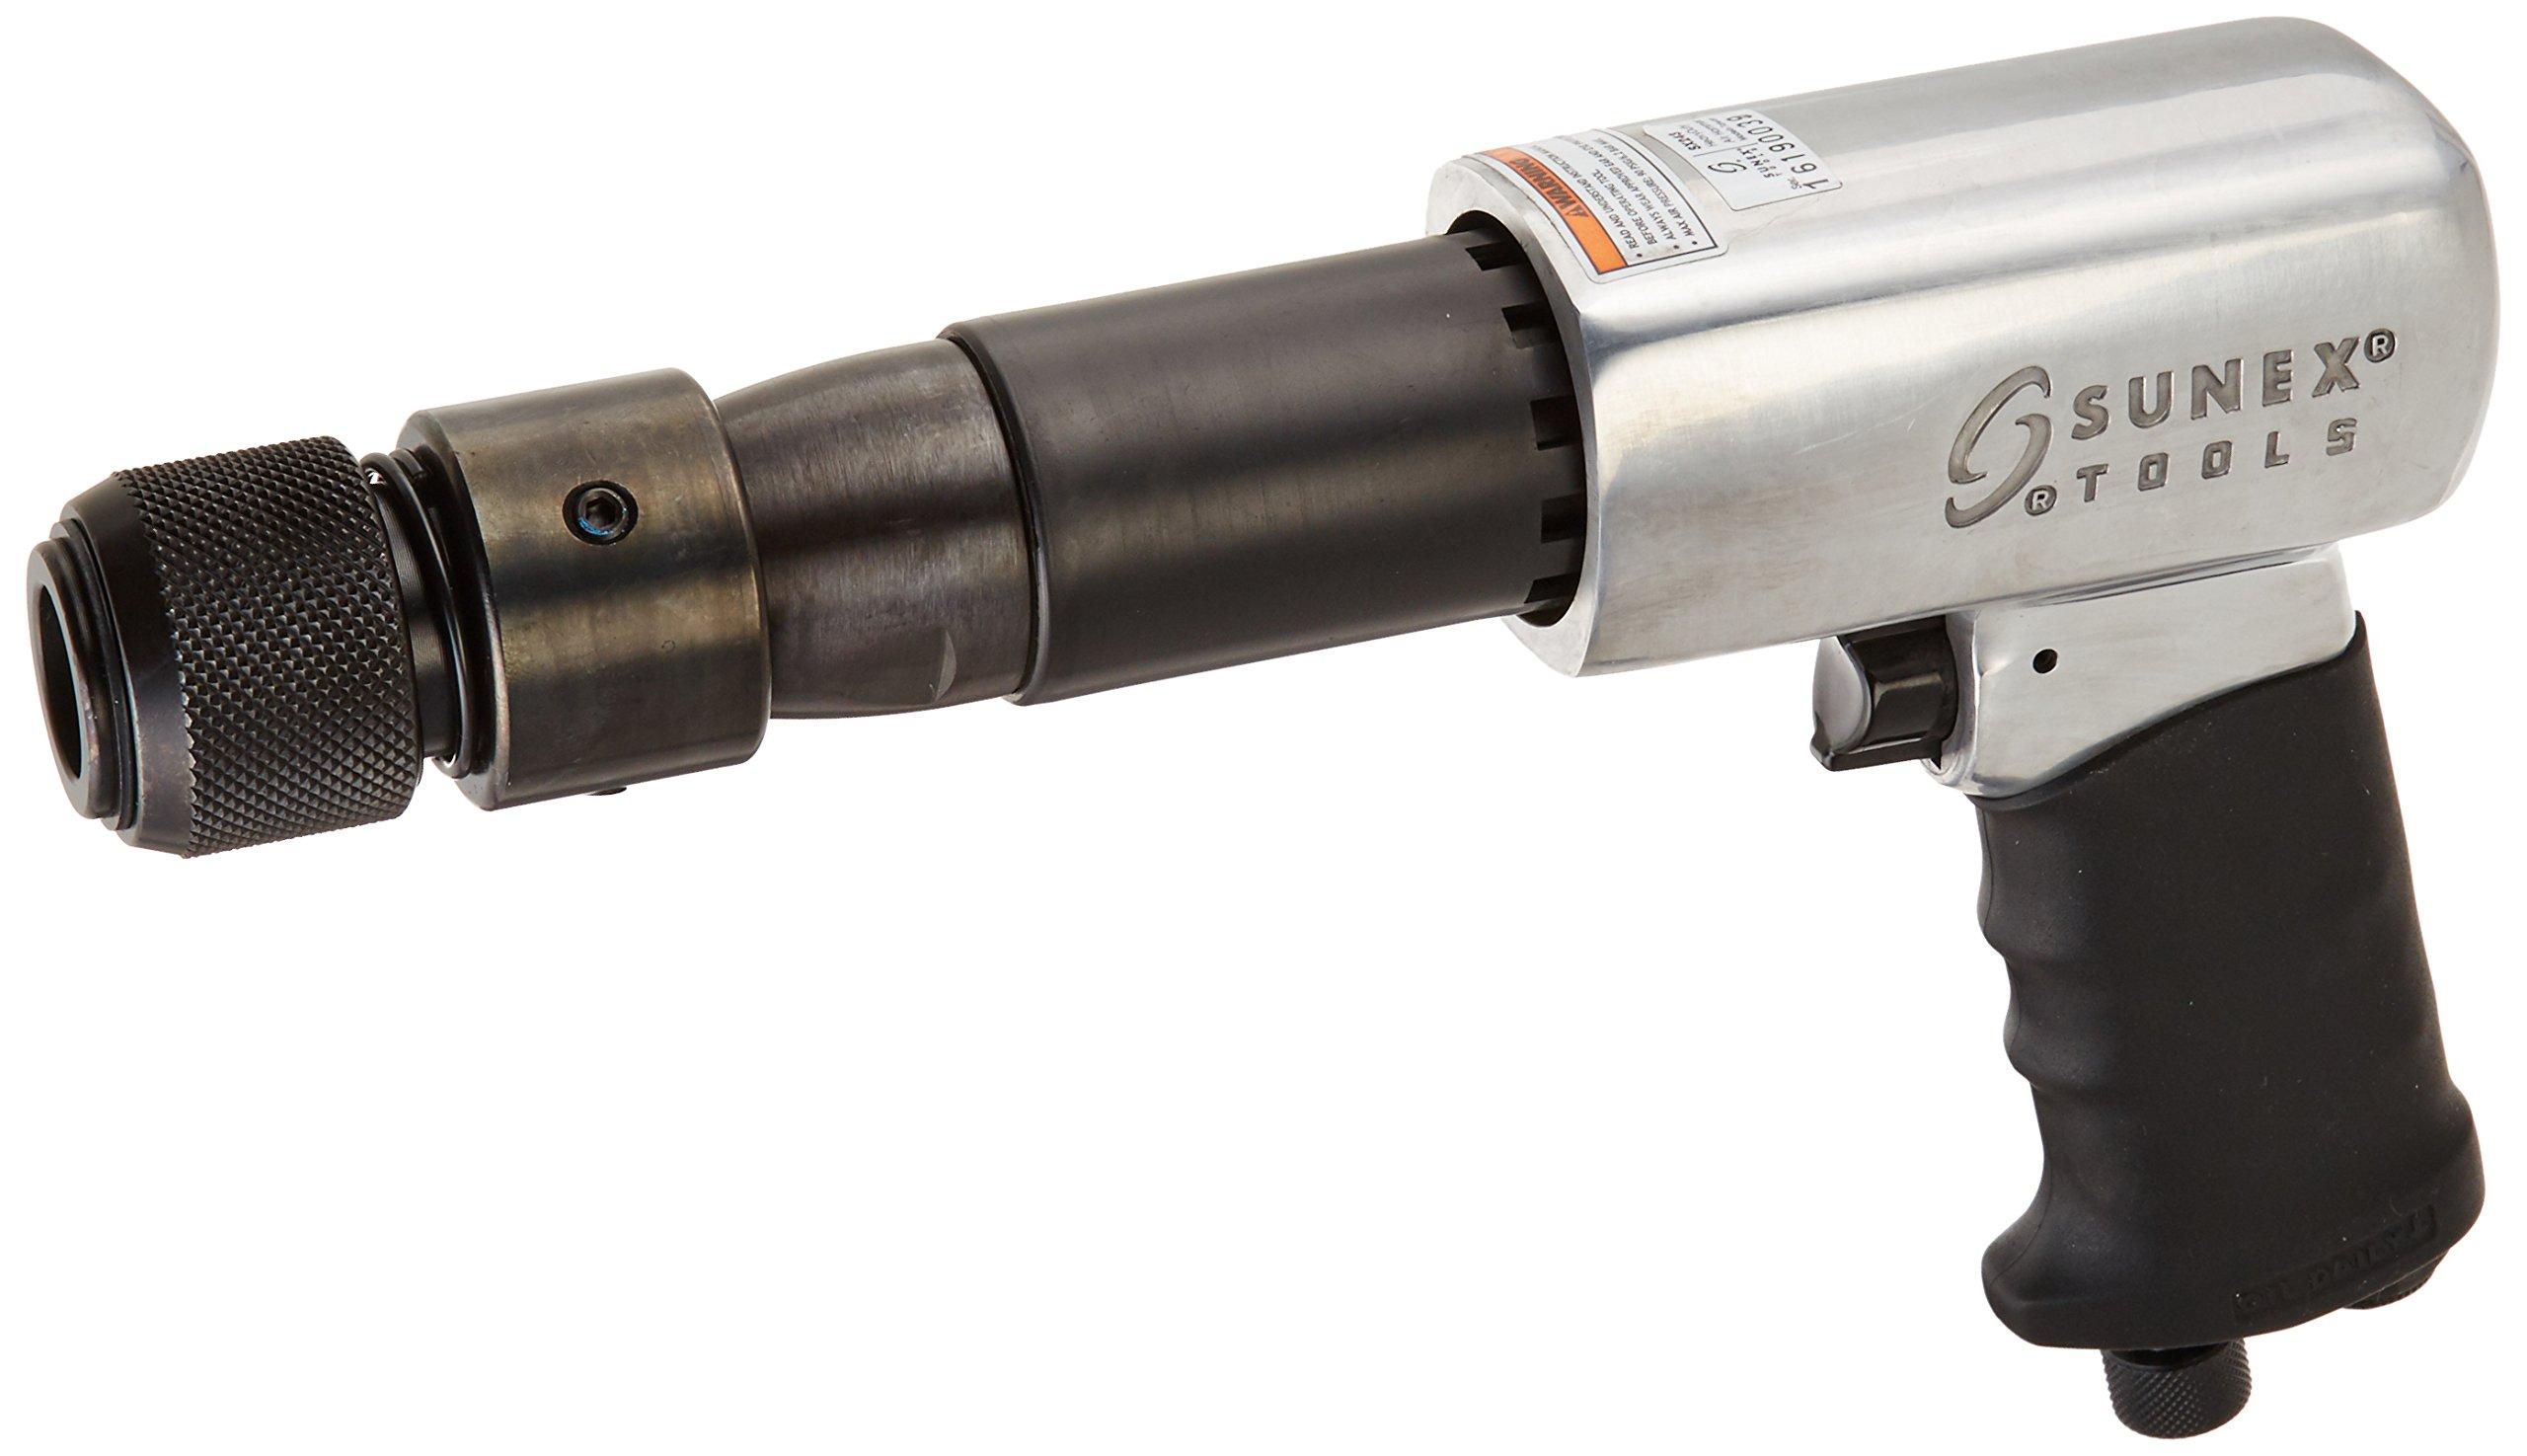 Sunex SX243 Hd 250-Mm Long Barrel Air Hammer by Sunex Tools